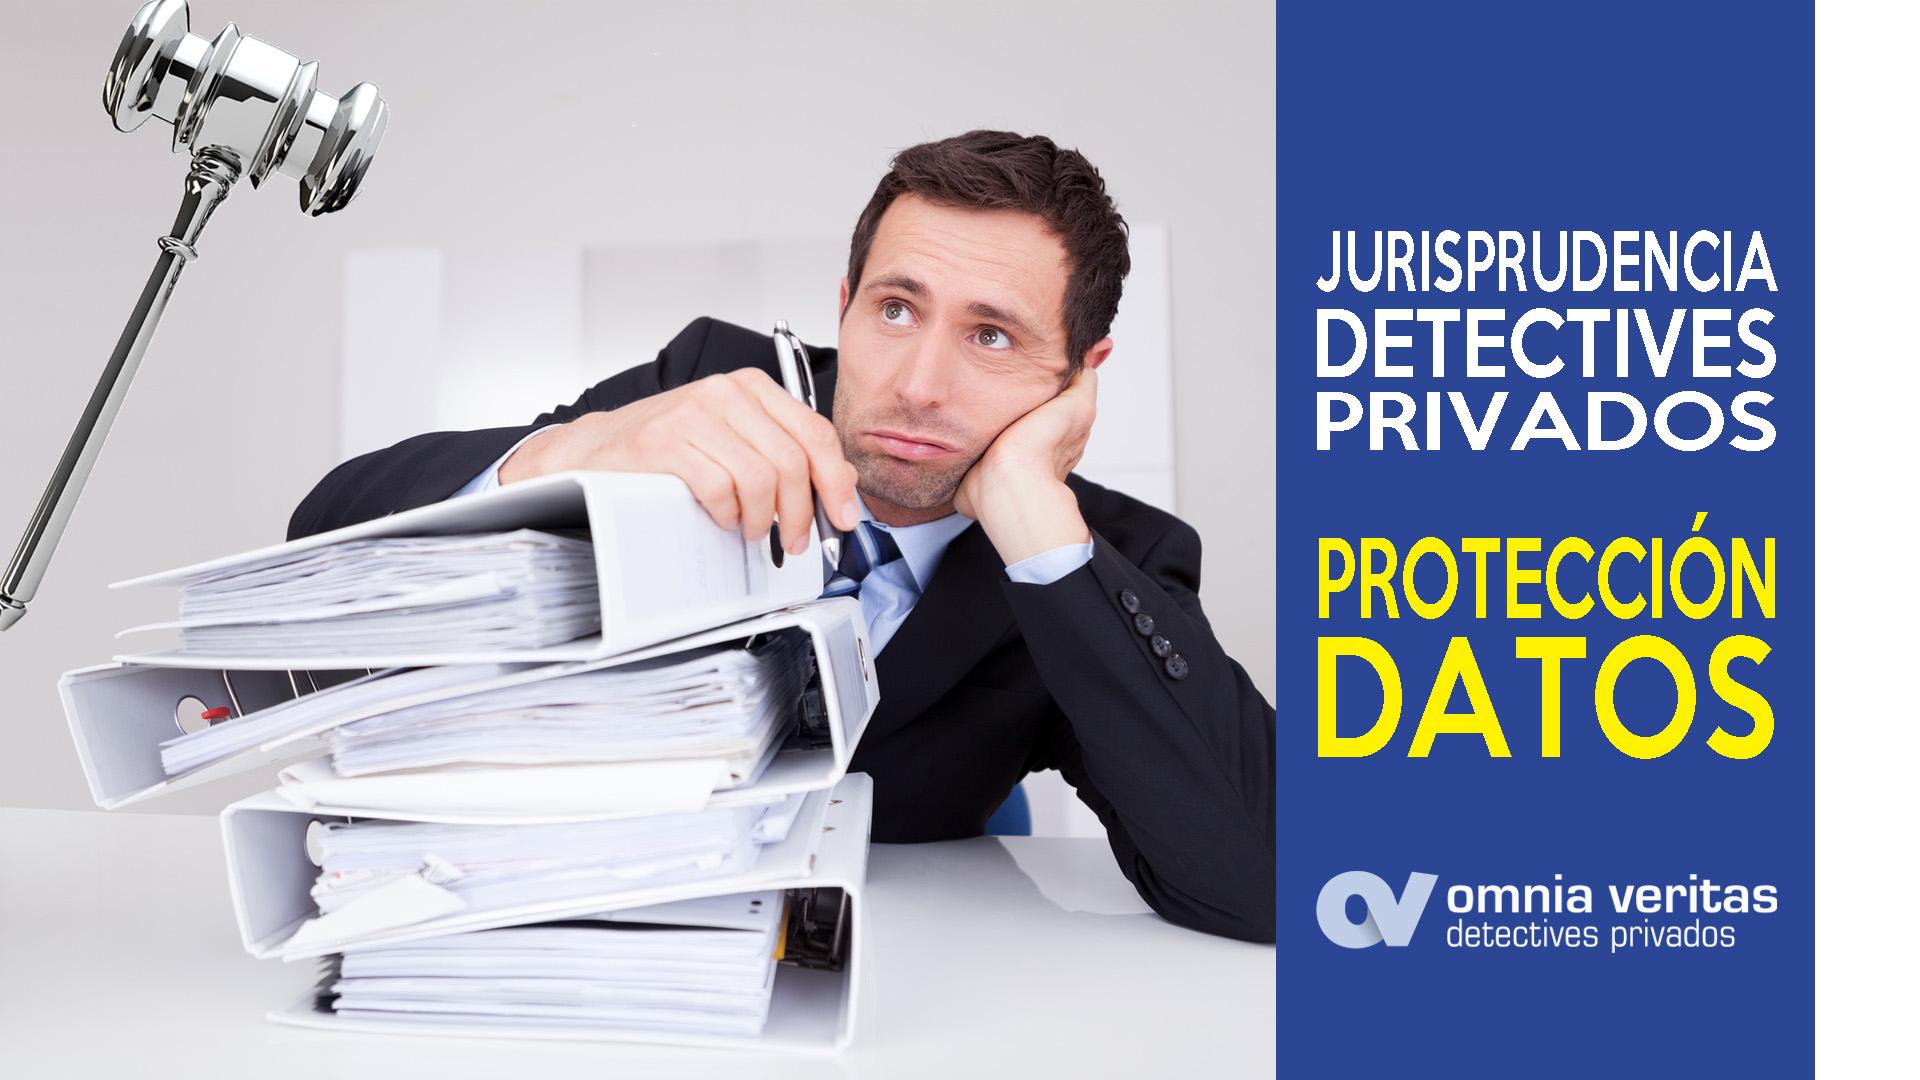 JURISPRUDENCIA DETECTIVES Y LEY PROTECCIÓN DE DATOS